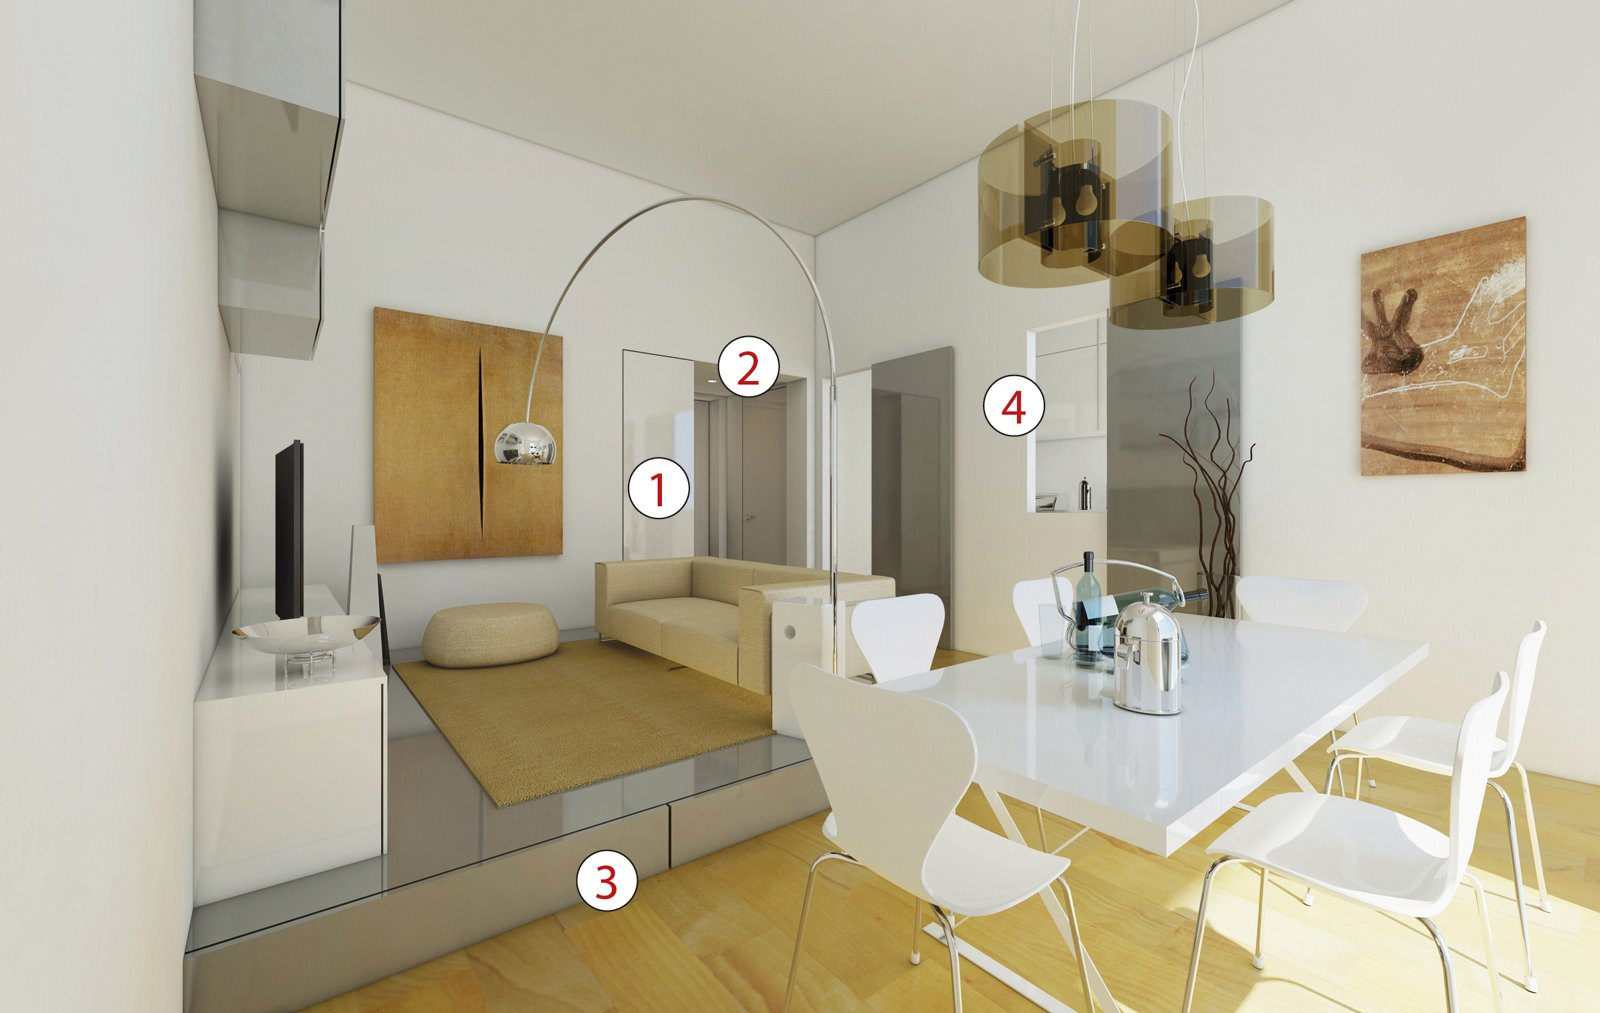 Tante idee per migliorare casa focus sulla zona giorno - I mobili nel guardaroba ...